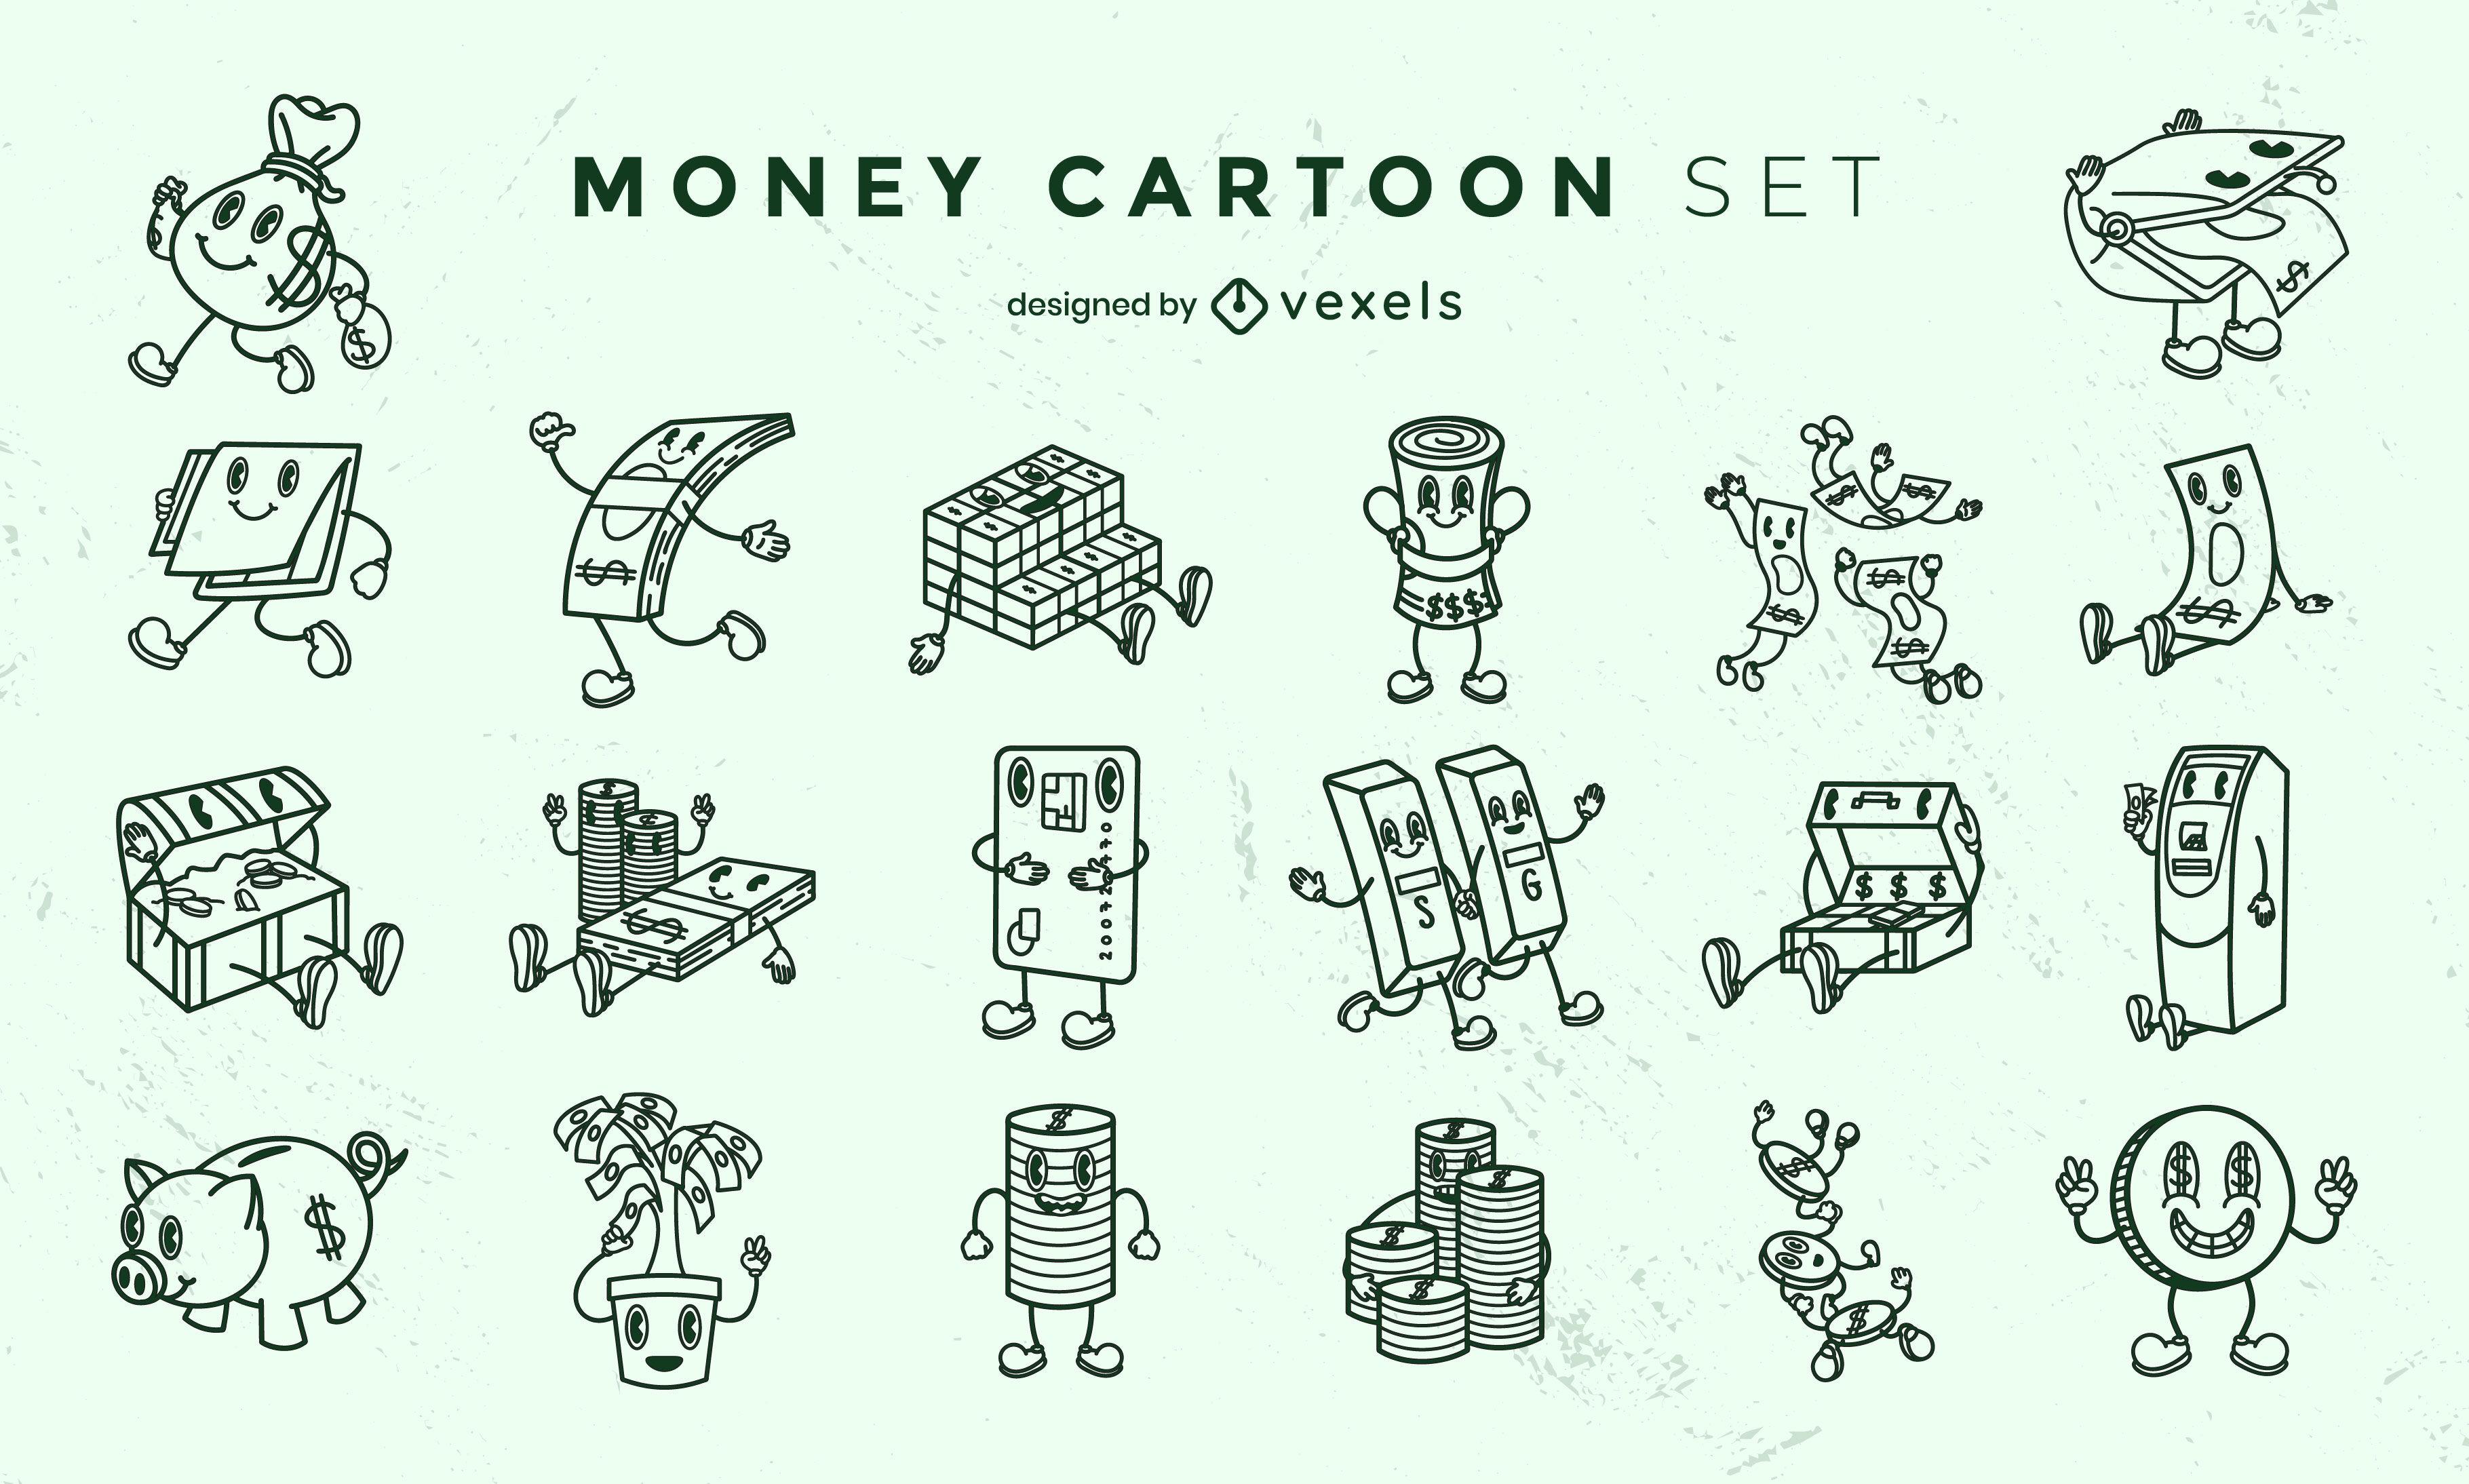 Retro cartoon stroke money characters